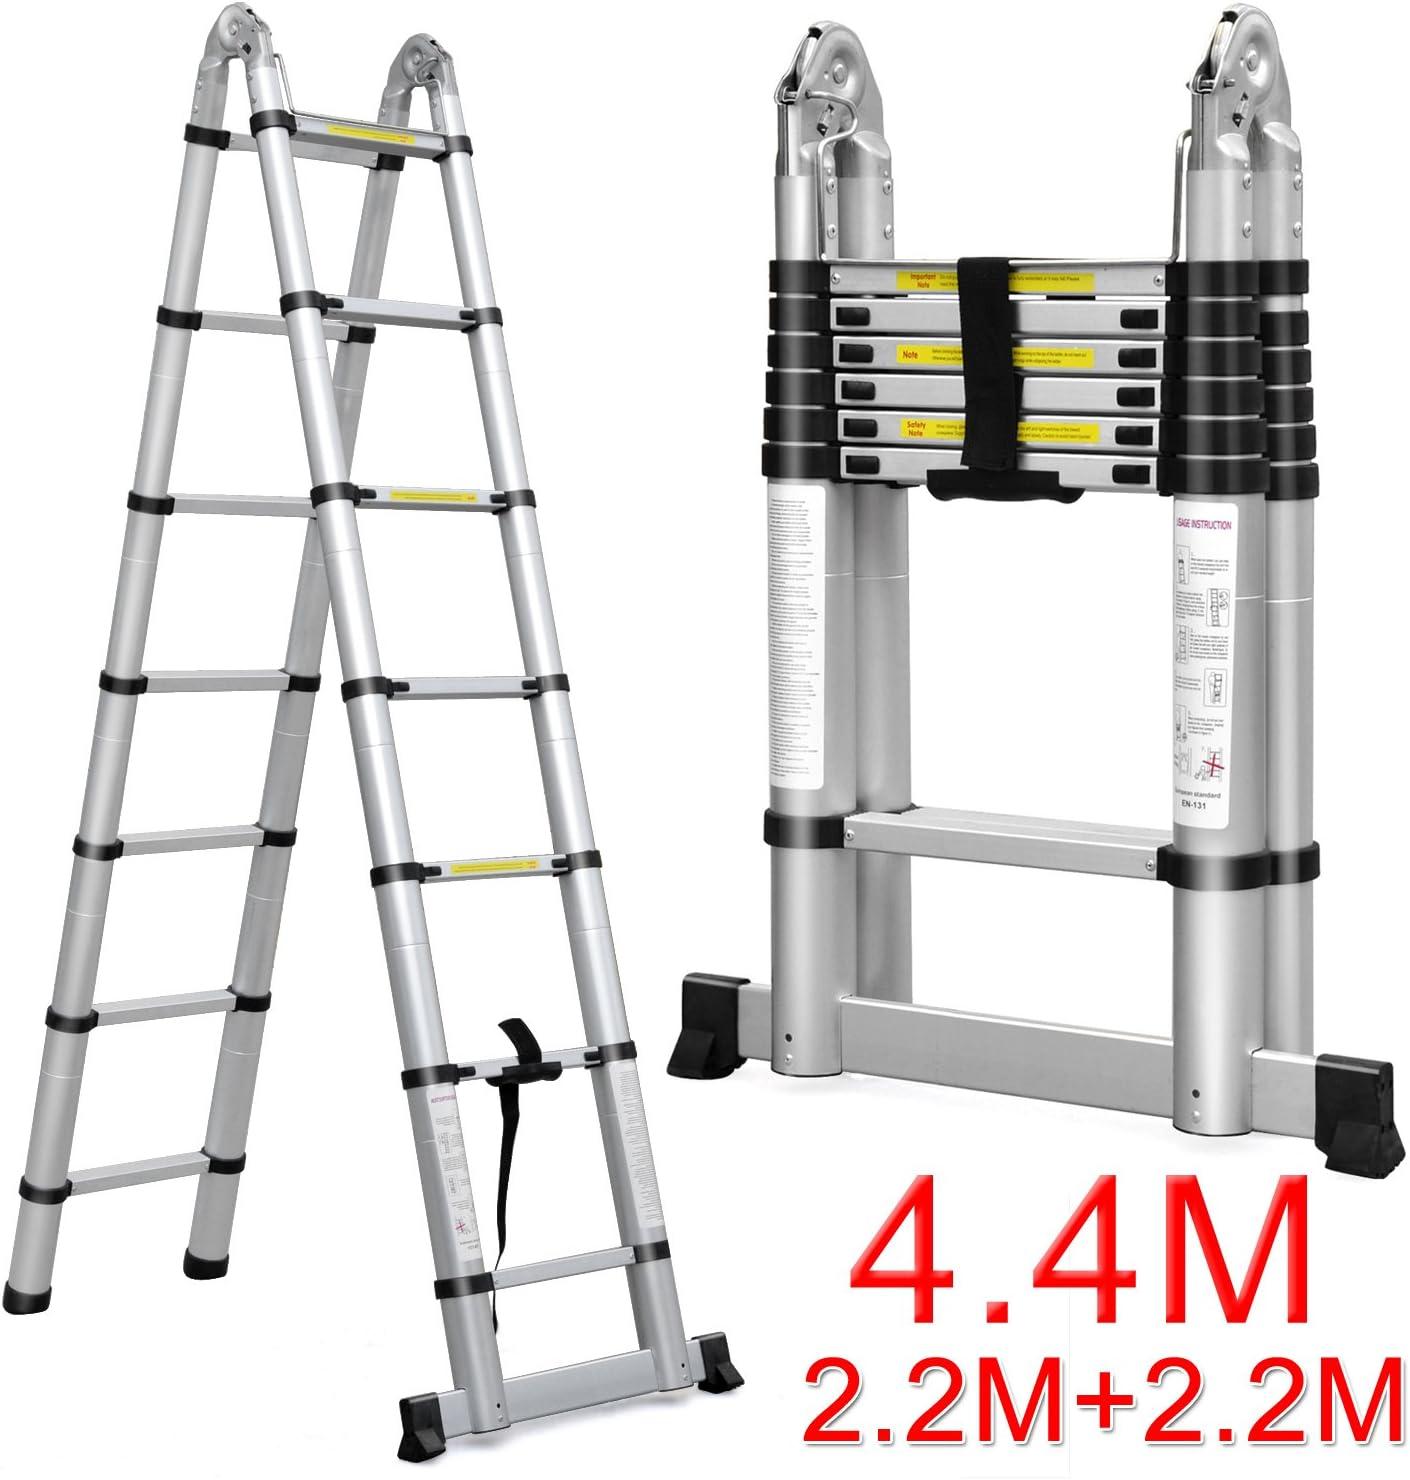 Popamazing – Escalera telescópica plegable de doble seguro & calidad: Amazon.es: Bricolaje y herramientas